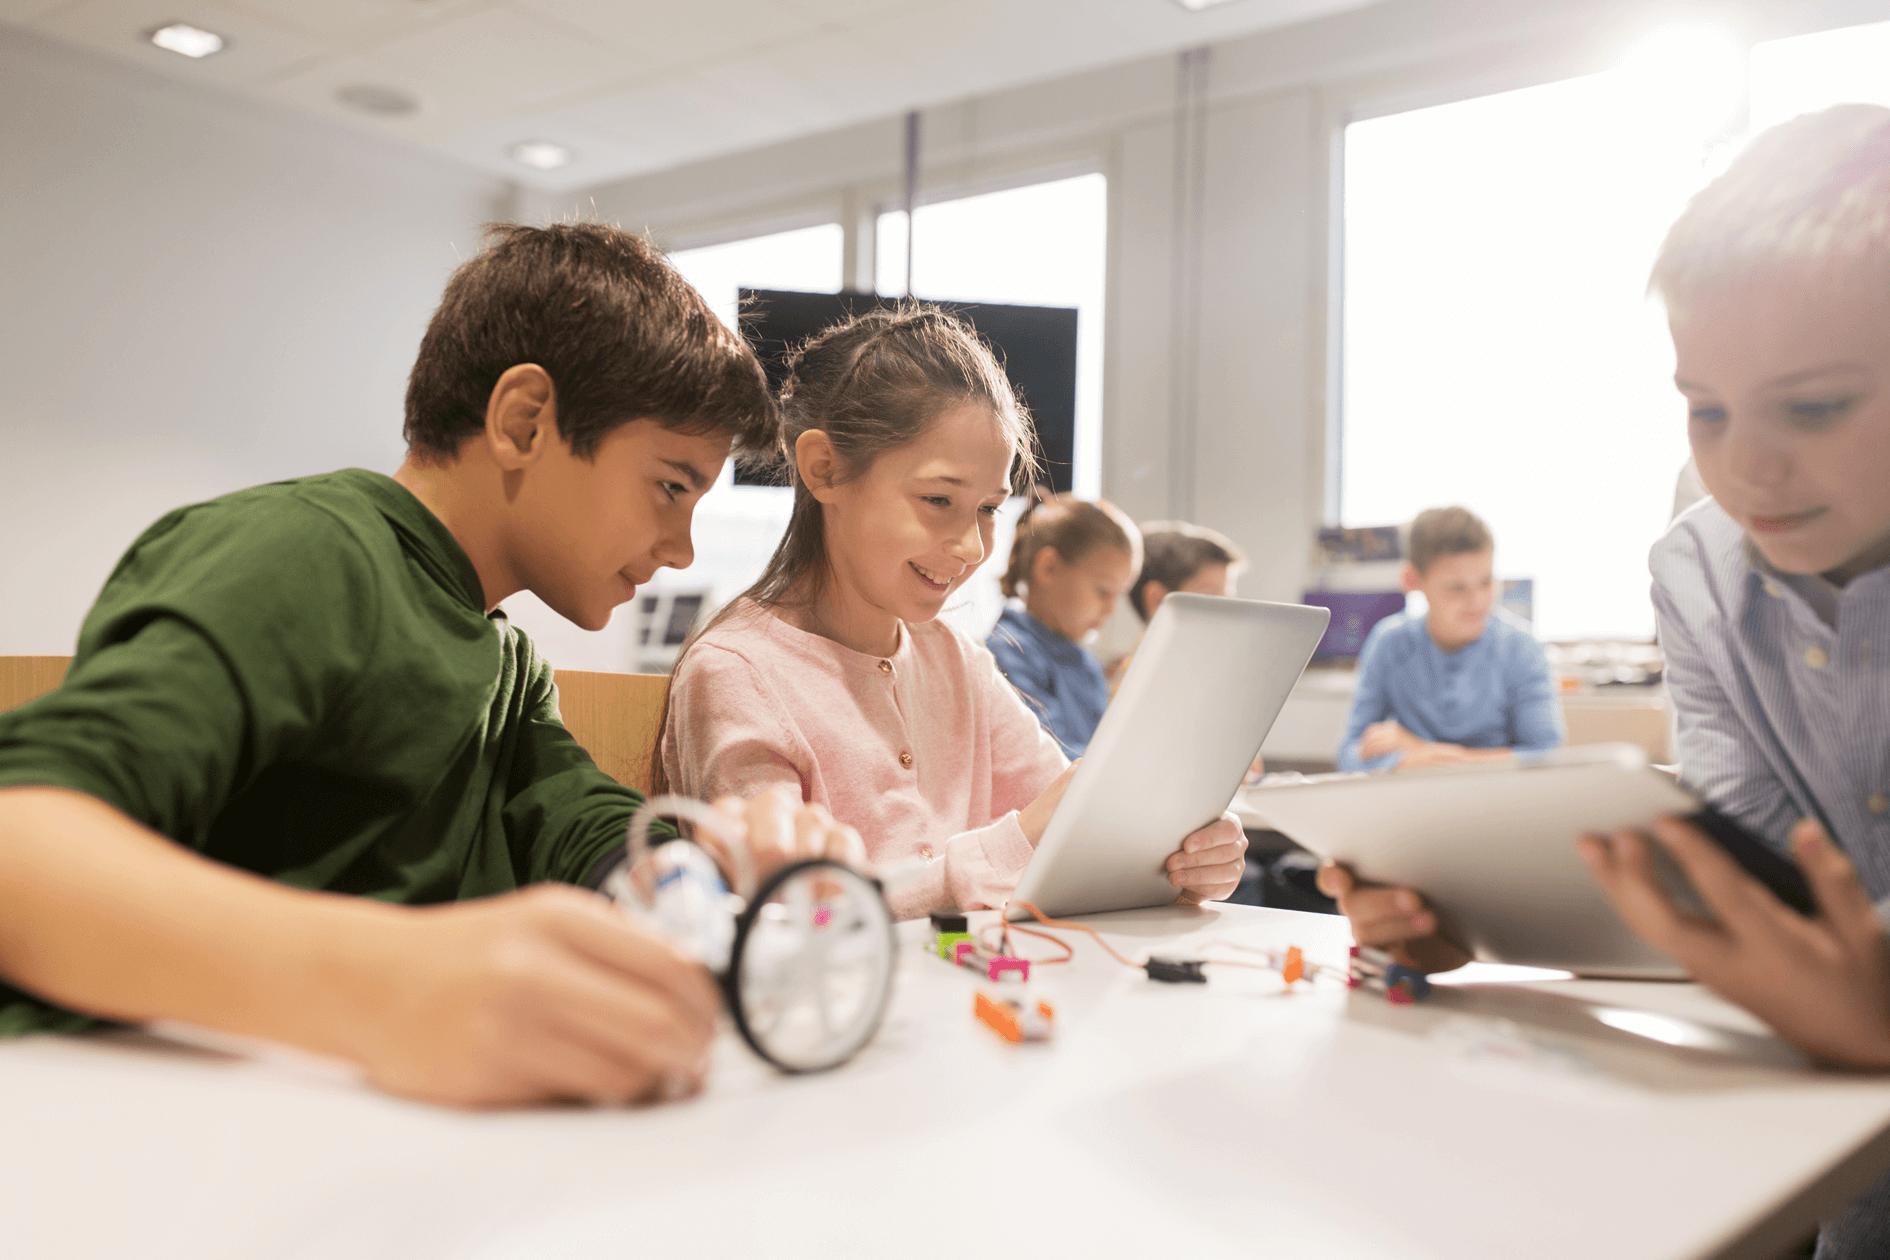 教室 プログラミング 【2021年最新版】中高生向けプログラミング教室7校徹底比較